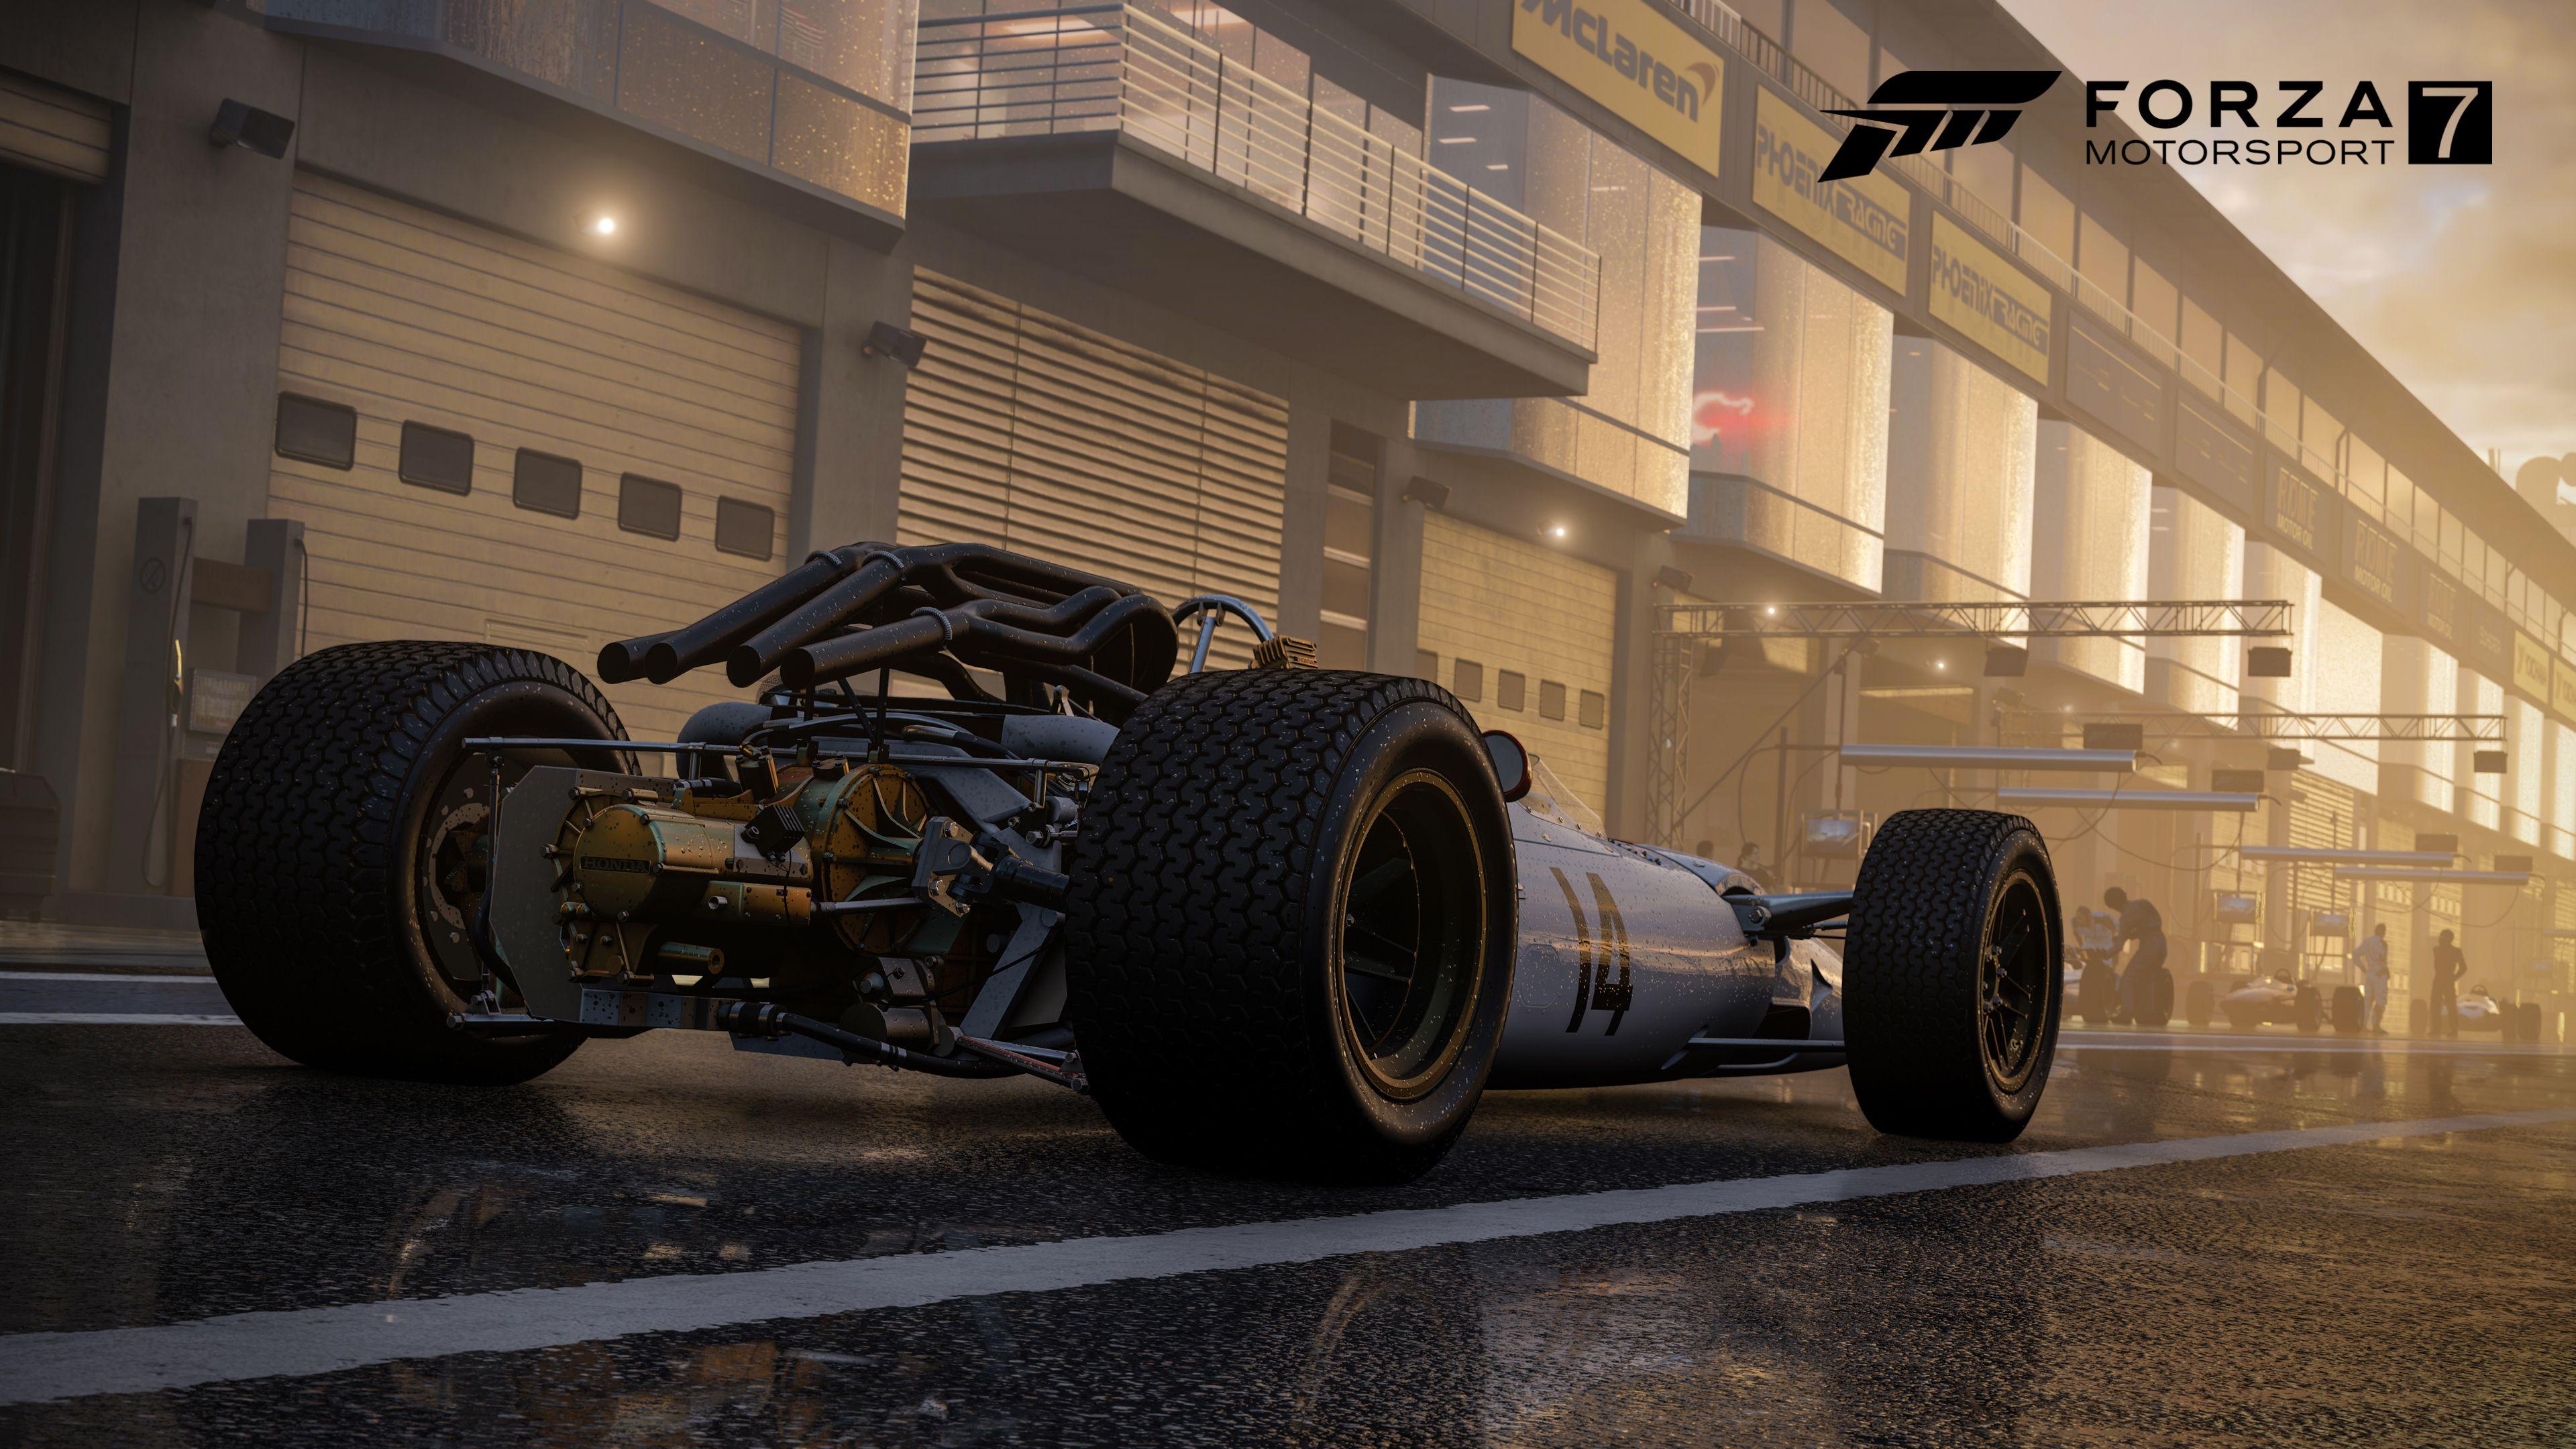 Forza Motorsport 7 - HW nároky, demo a obrázky 148638